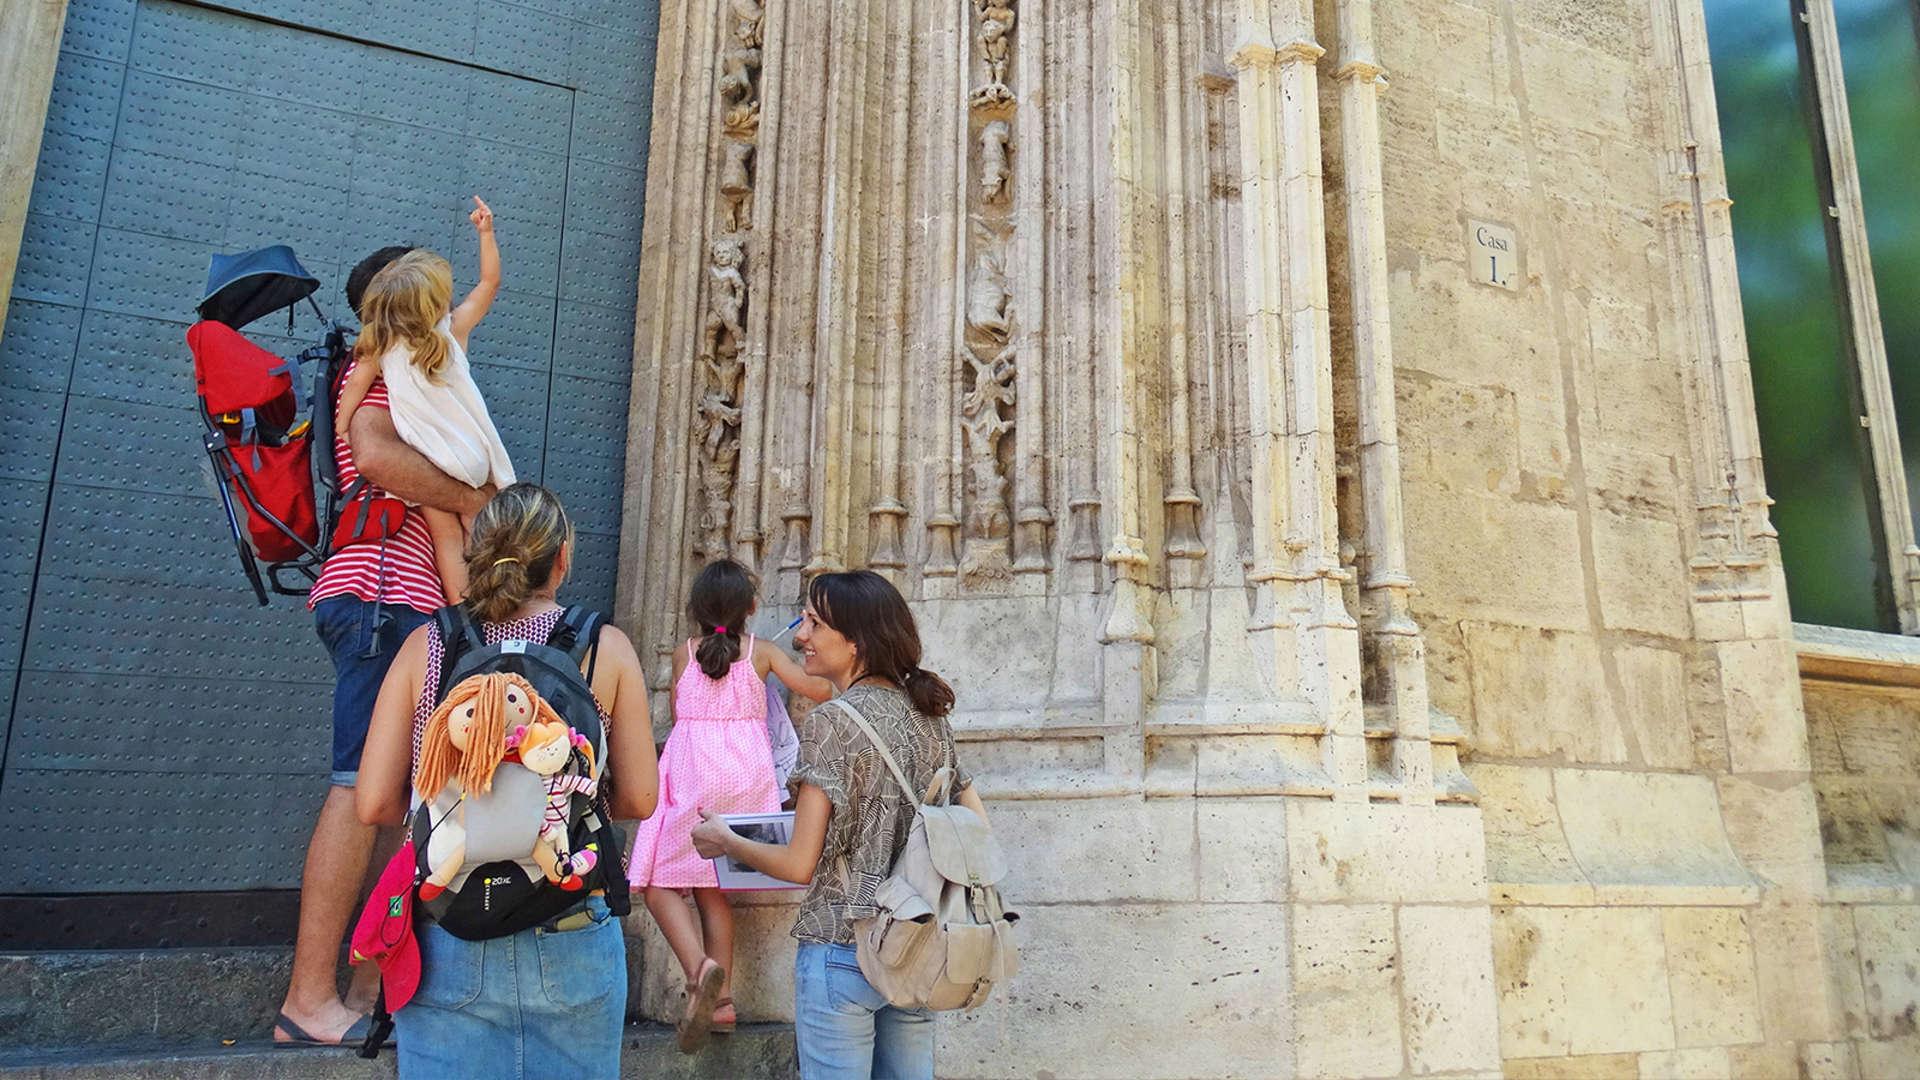 VALENCIA FAMILY TOUR<br /><strong>Visita guiada <strong class='extra_info_articulo'>- desde 11.00 €  </strong></strong>